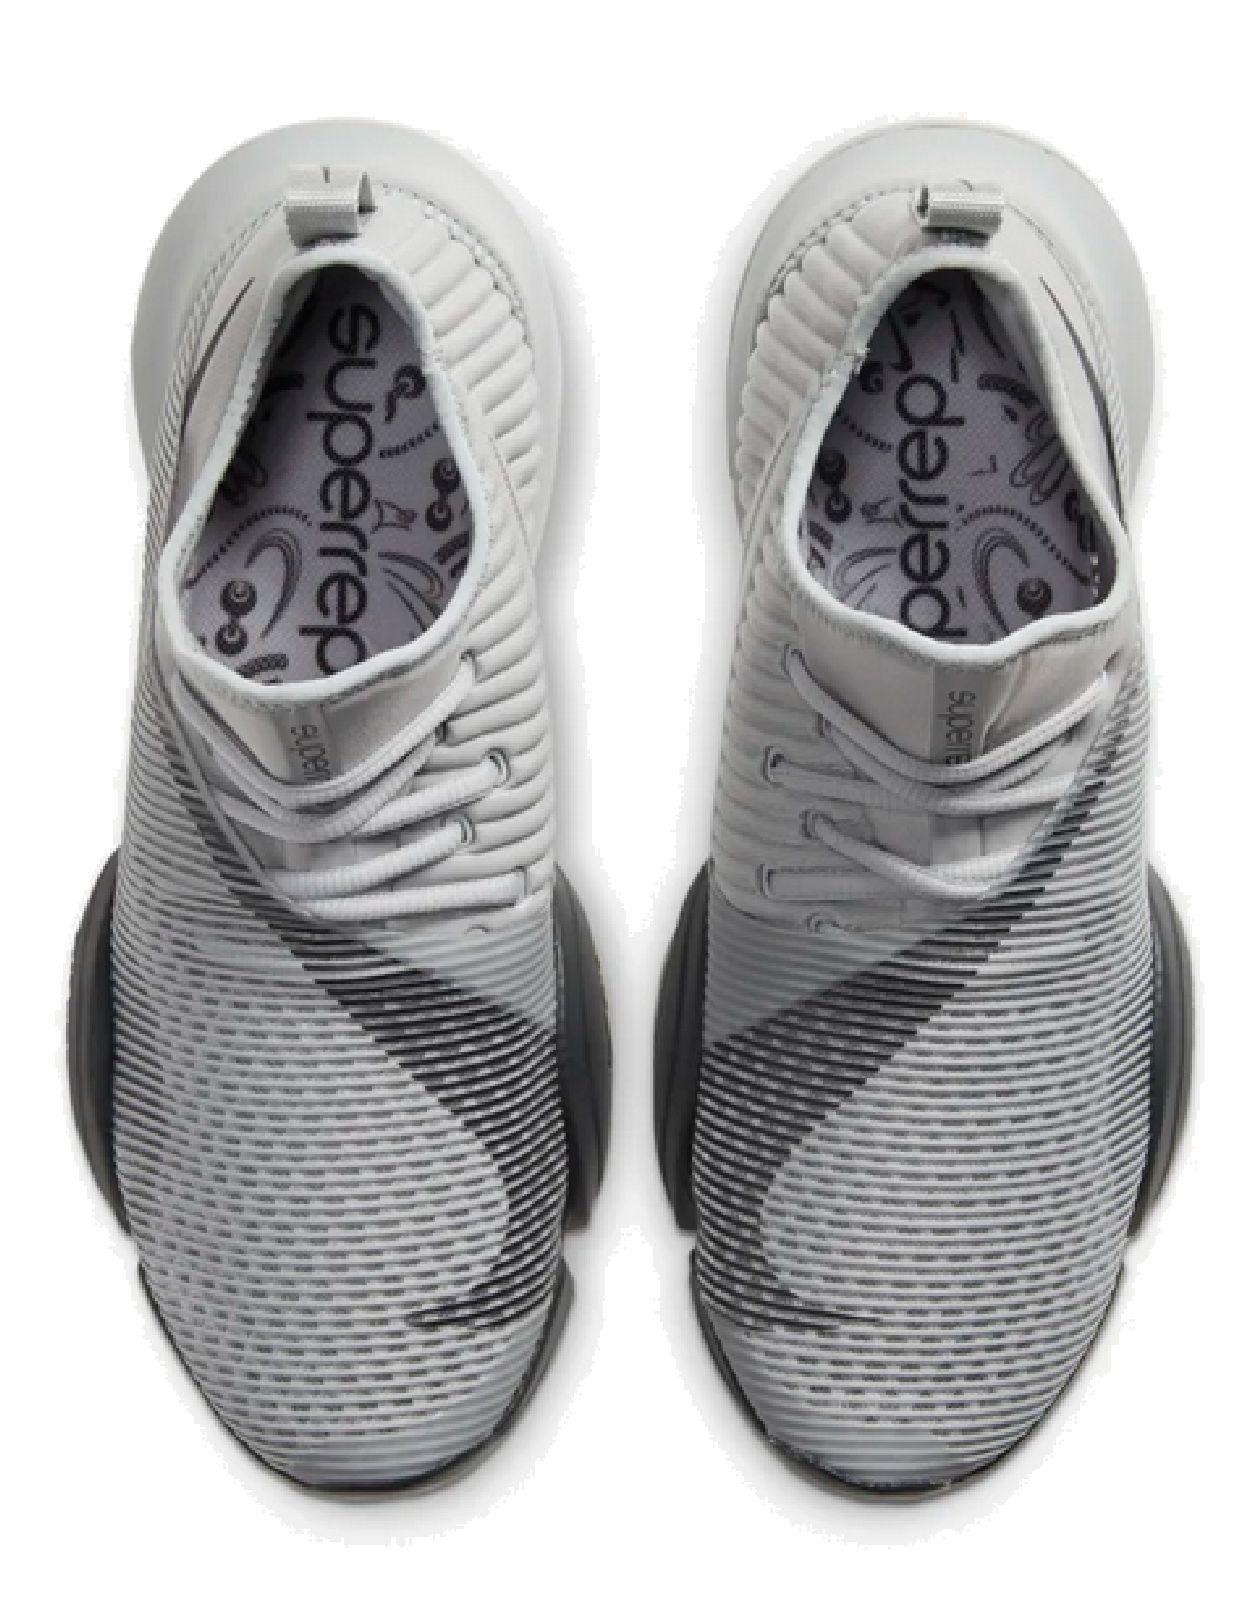 Nike Herren-Sport-Fitness-Freizeit-Schuhe Workoutschuhe LEGEND TRAINER schwarz